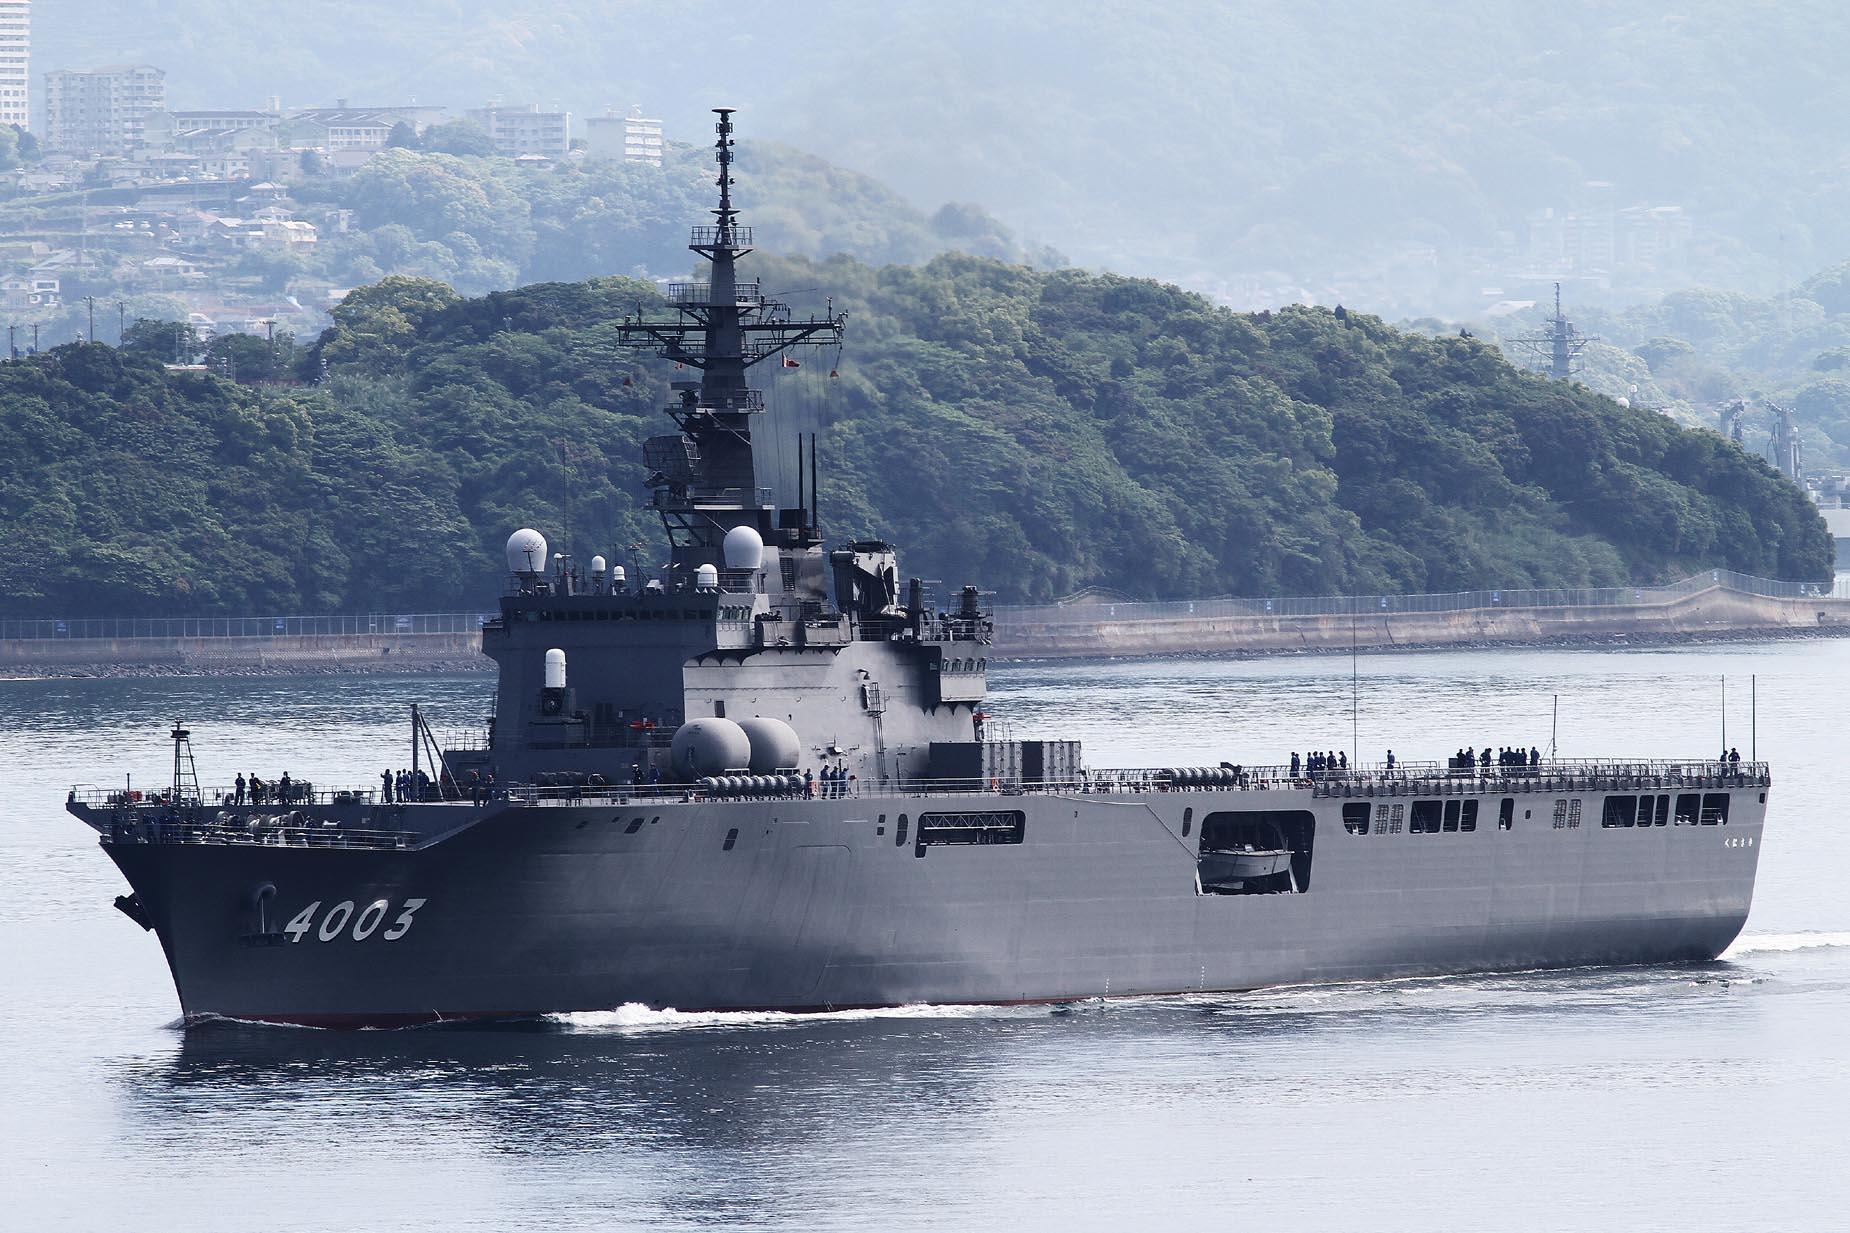 2017年5月5日佐世保を出港するくにさきJS Kunisaki LST4003